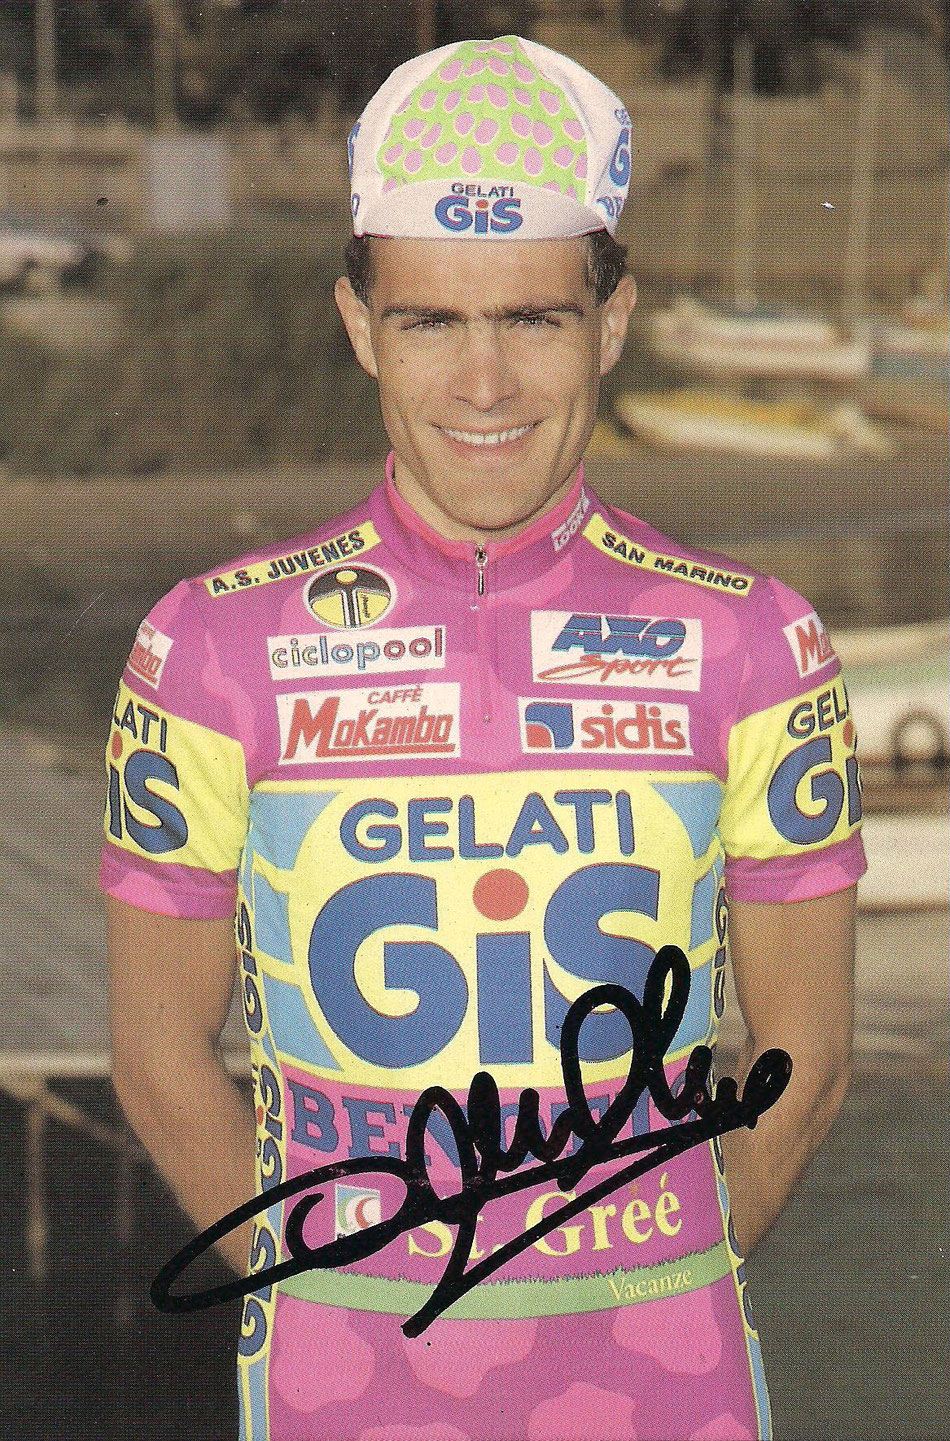 Foto courtesy: Archivio TLS, cartolina con autografo di Paolo Cimini che ci ha voluto regalare personalmente.